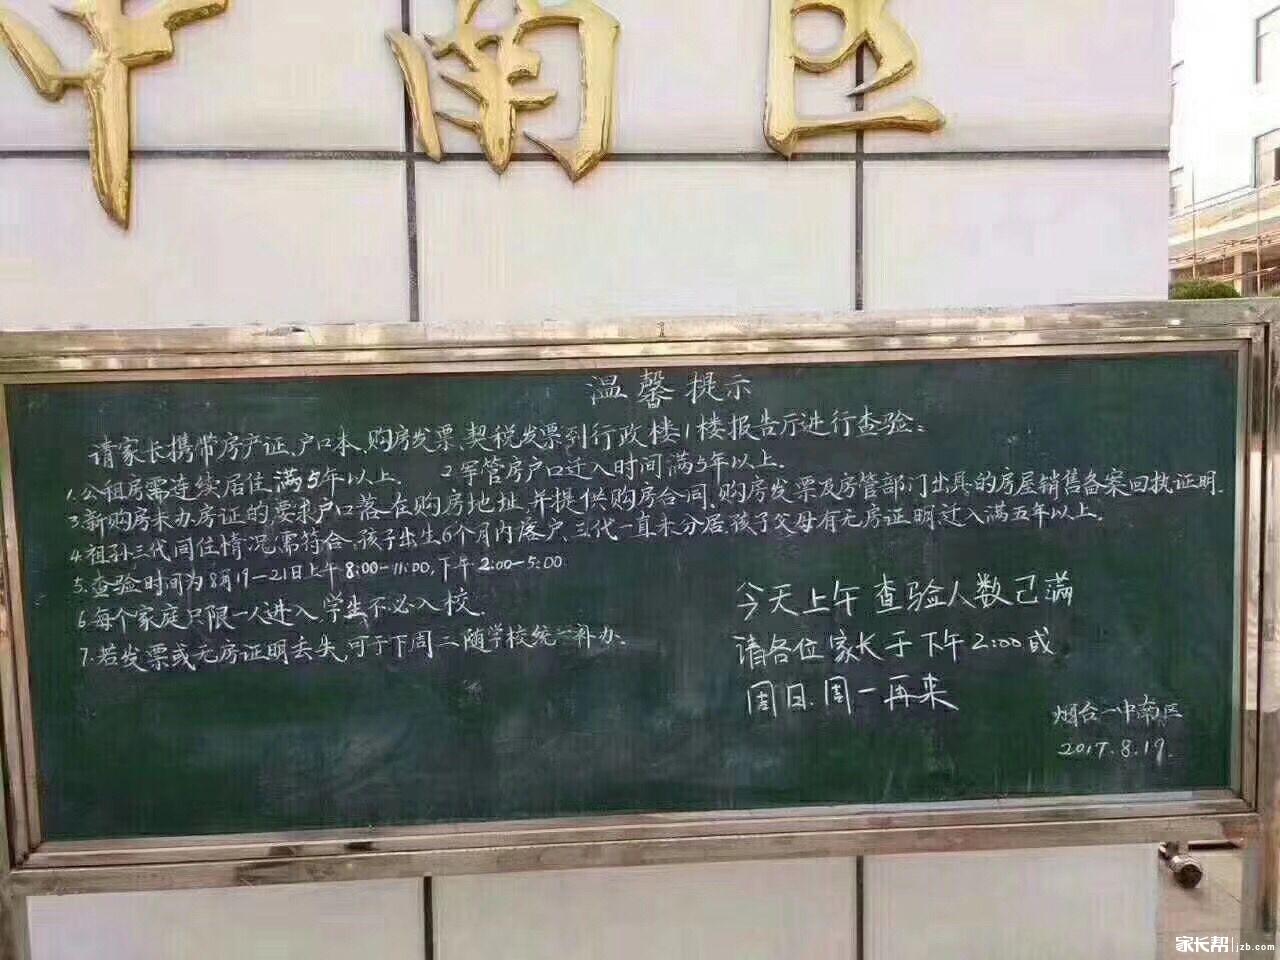 2017最全烟台初中材料汇总初中审核!重庆一中重点中烟台11图片